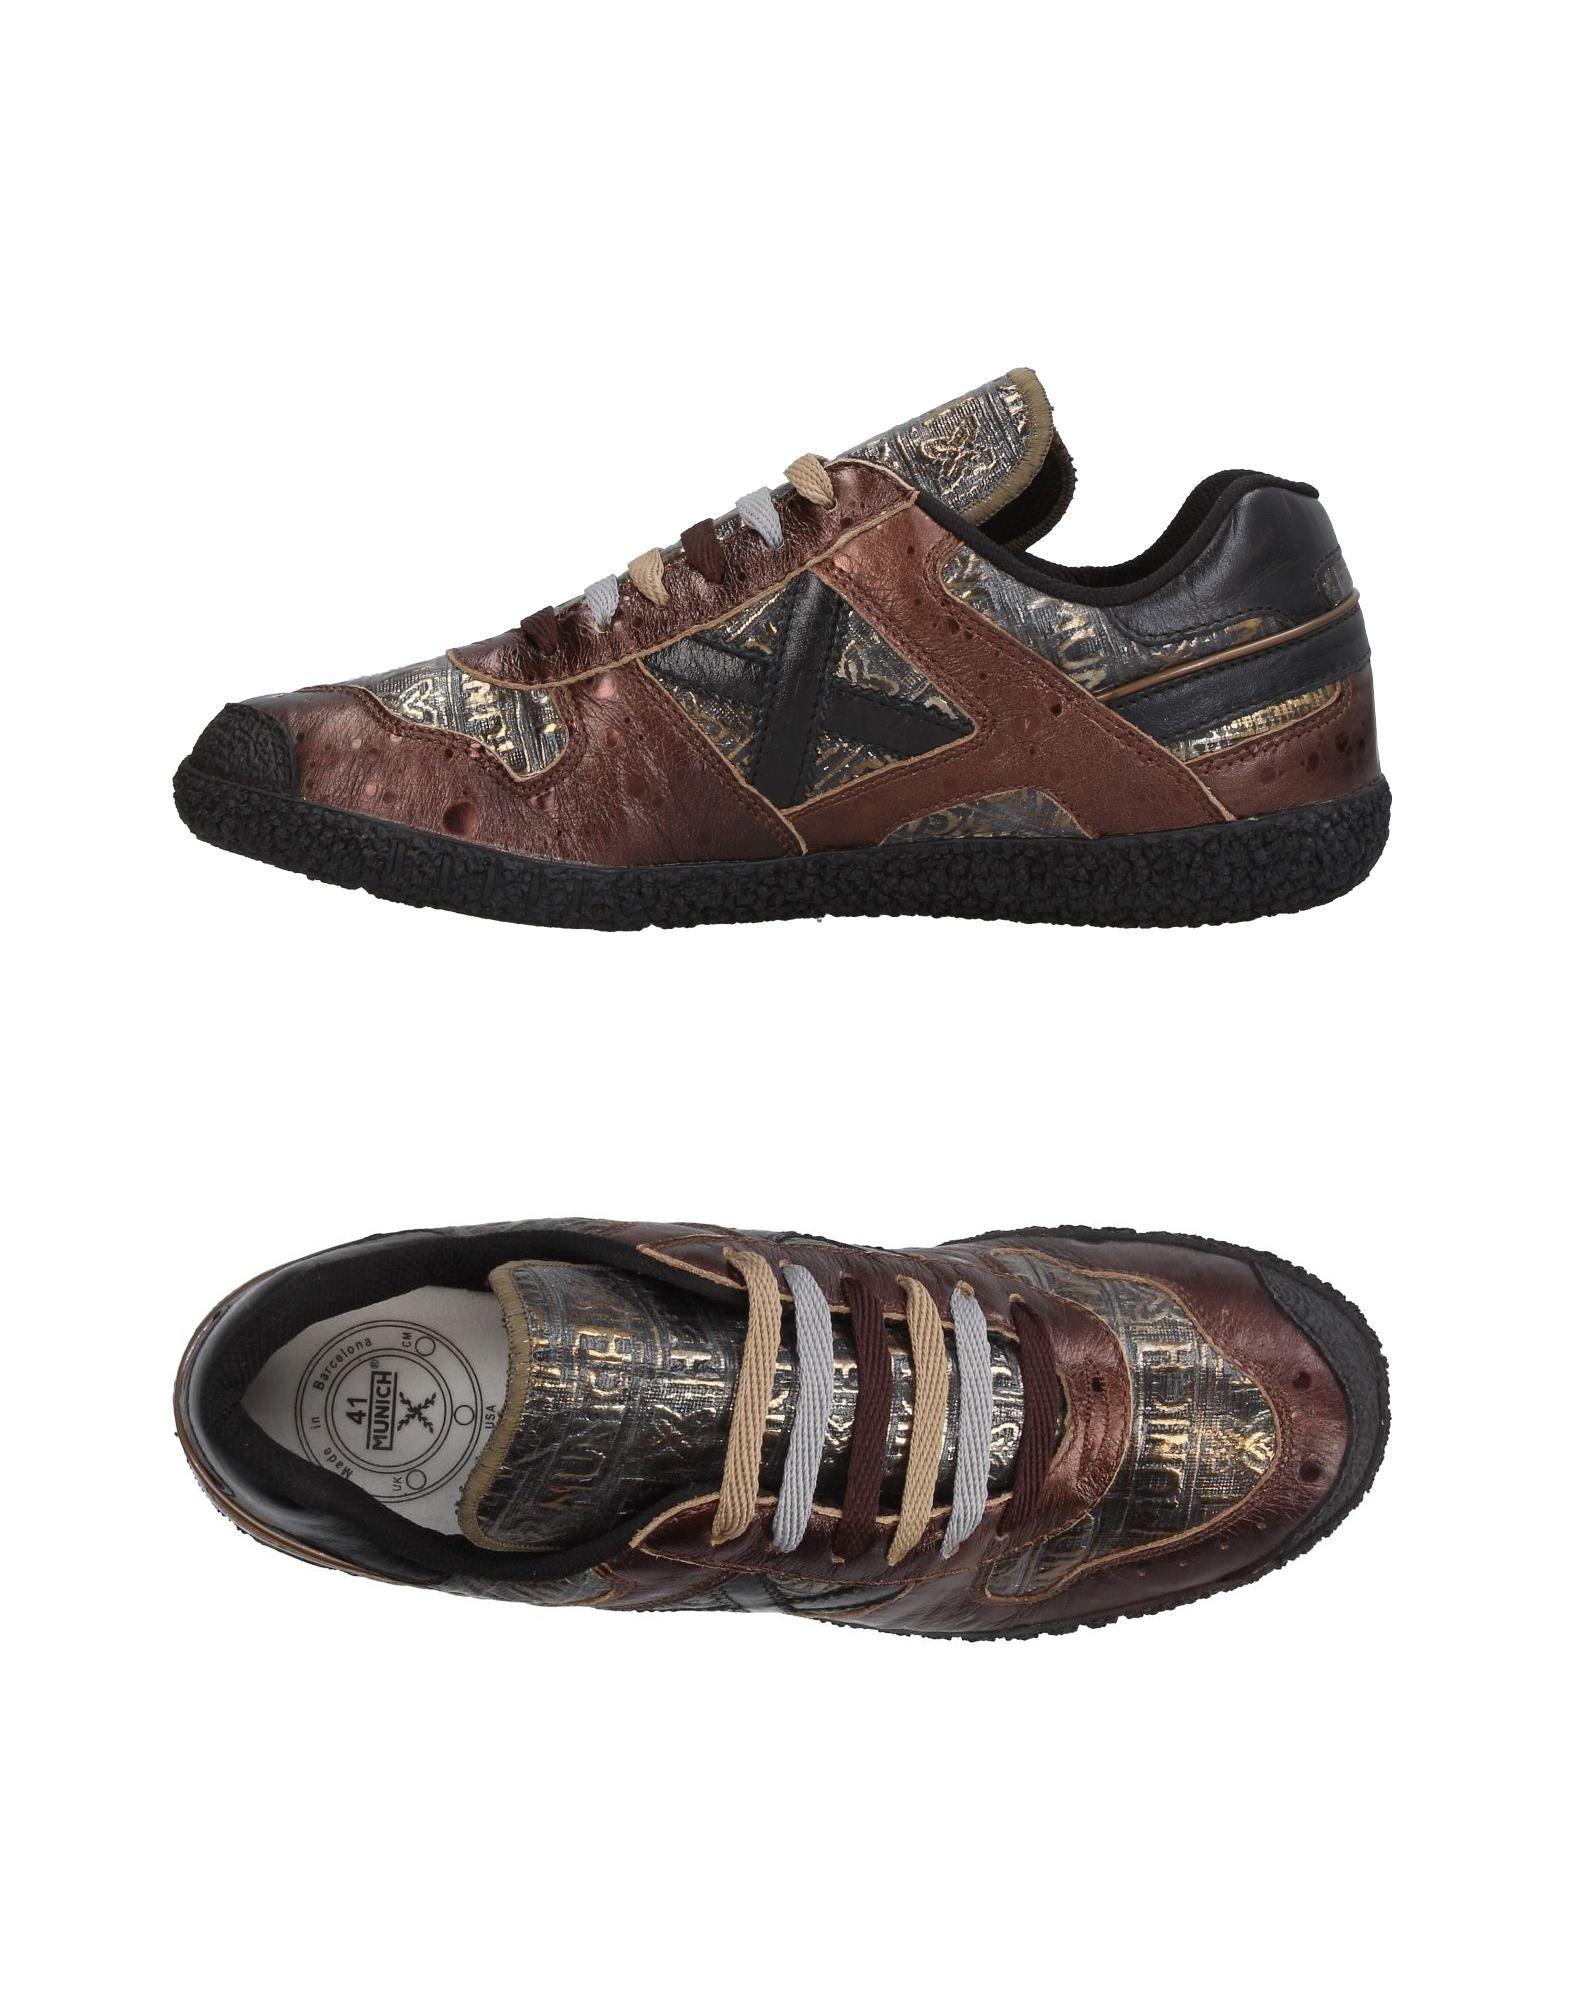 Sneakers Munich Homme - Sneakers Munich  Moka Les chaussures les plus populaires pour les hommes et les femmes